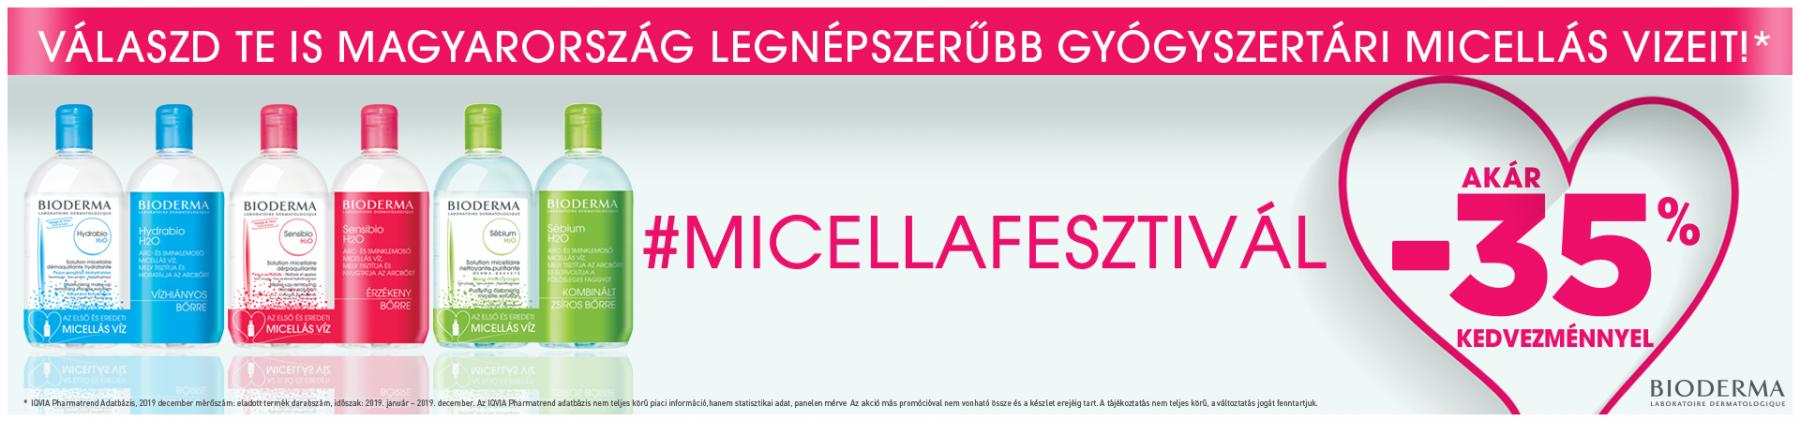 Bioderma Micellafesztivál - 35%